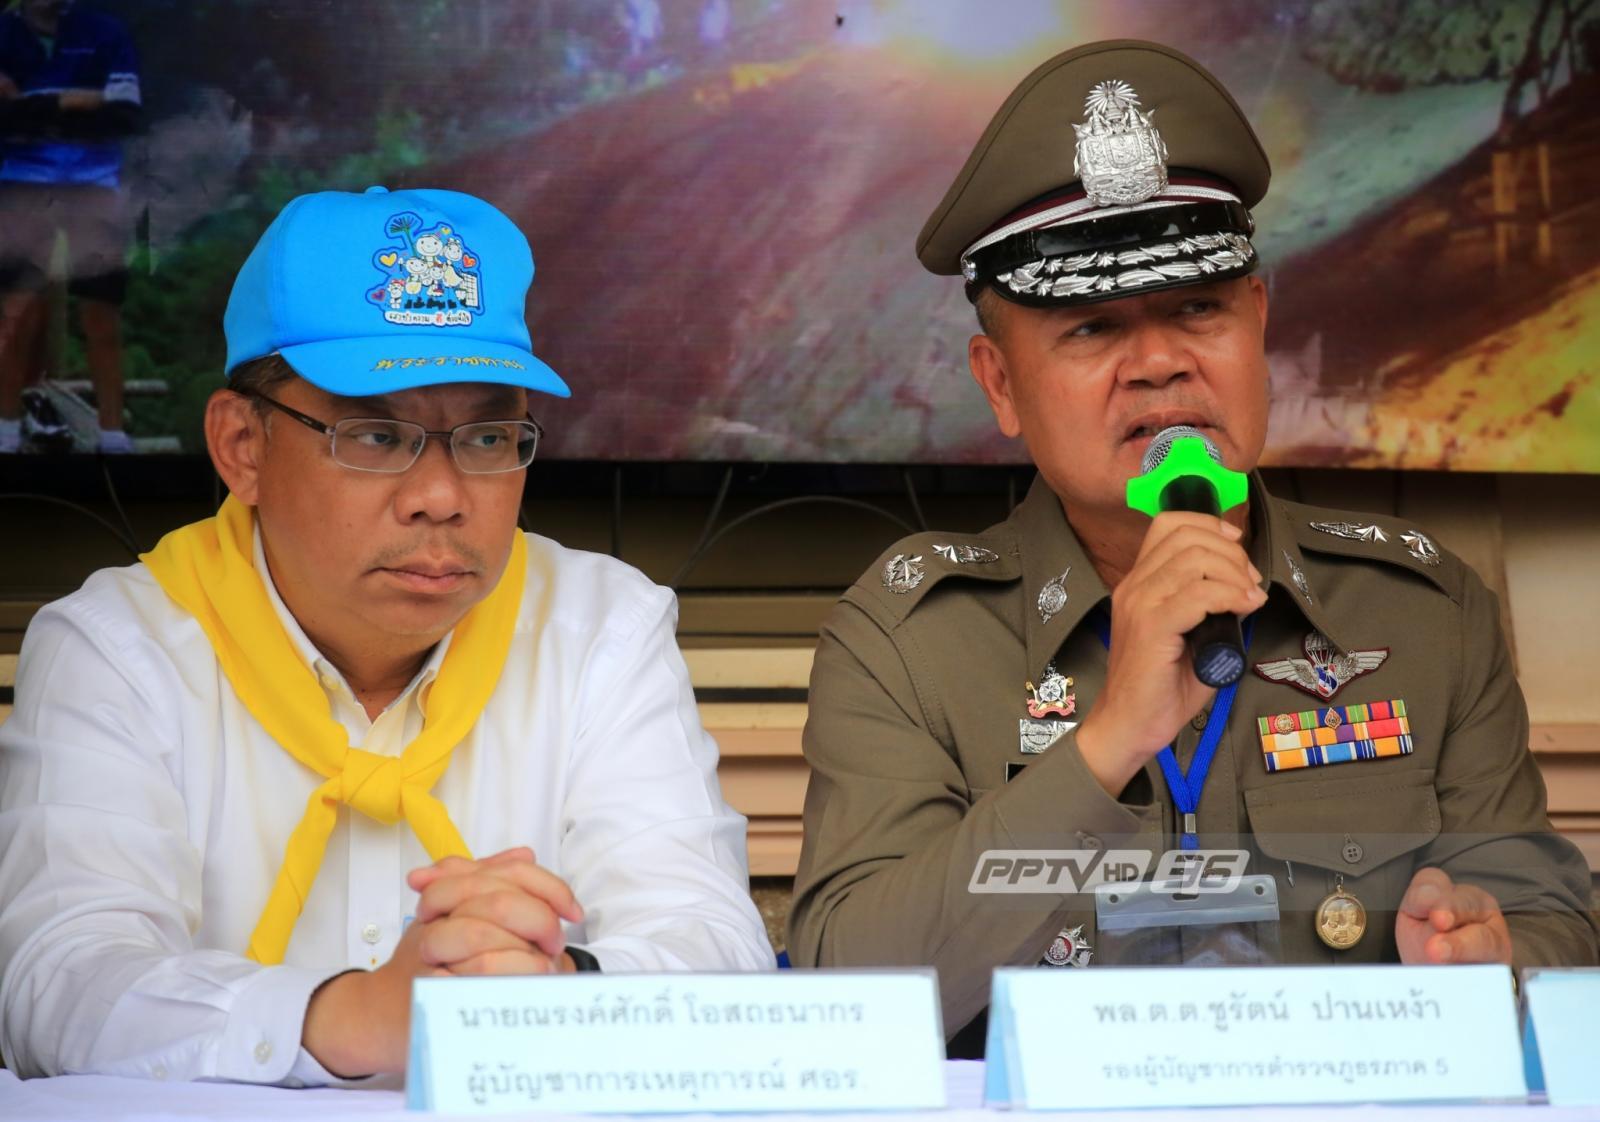 """เฟซบุ๊ก """"Thai NavySEAL"""" โพสต์ภาพจับมือเตรียมพา """"หมูป่า"""" ออกจากถ้ำหลวง"""